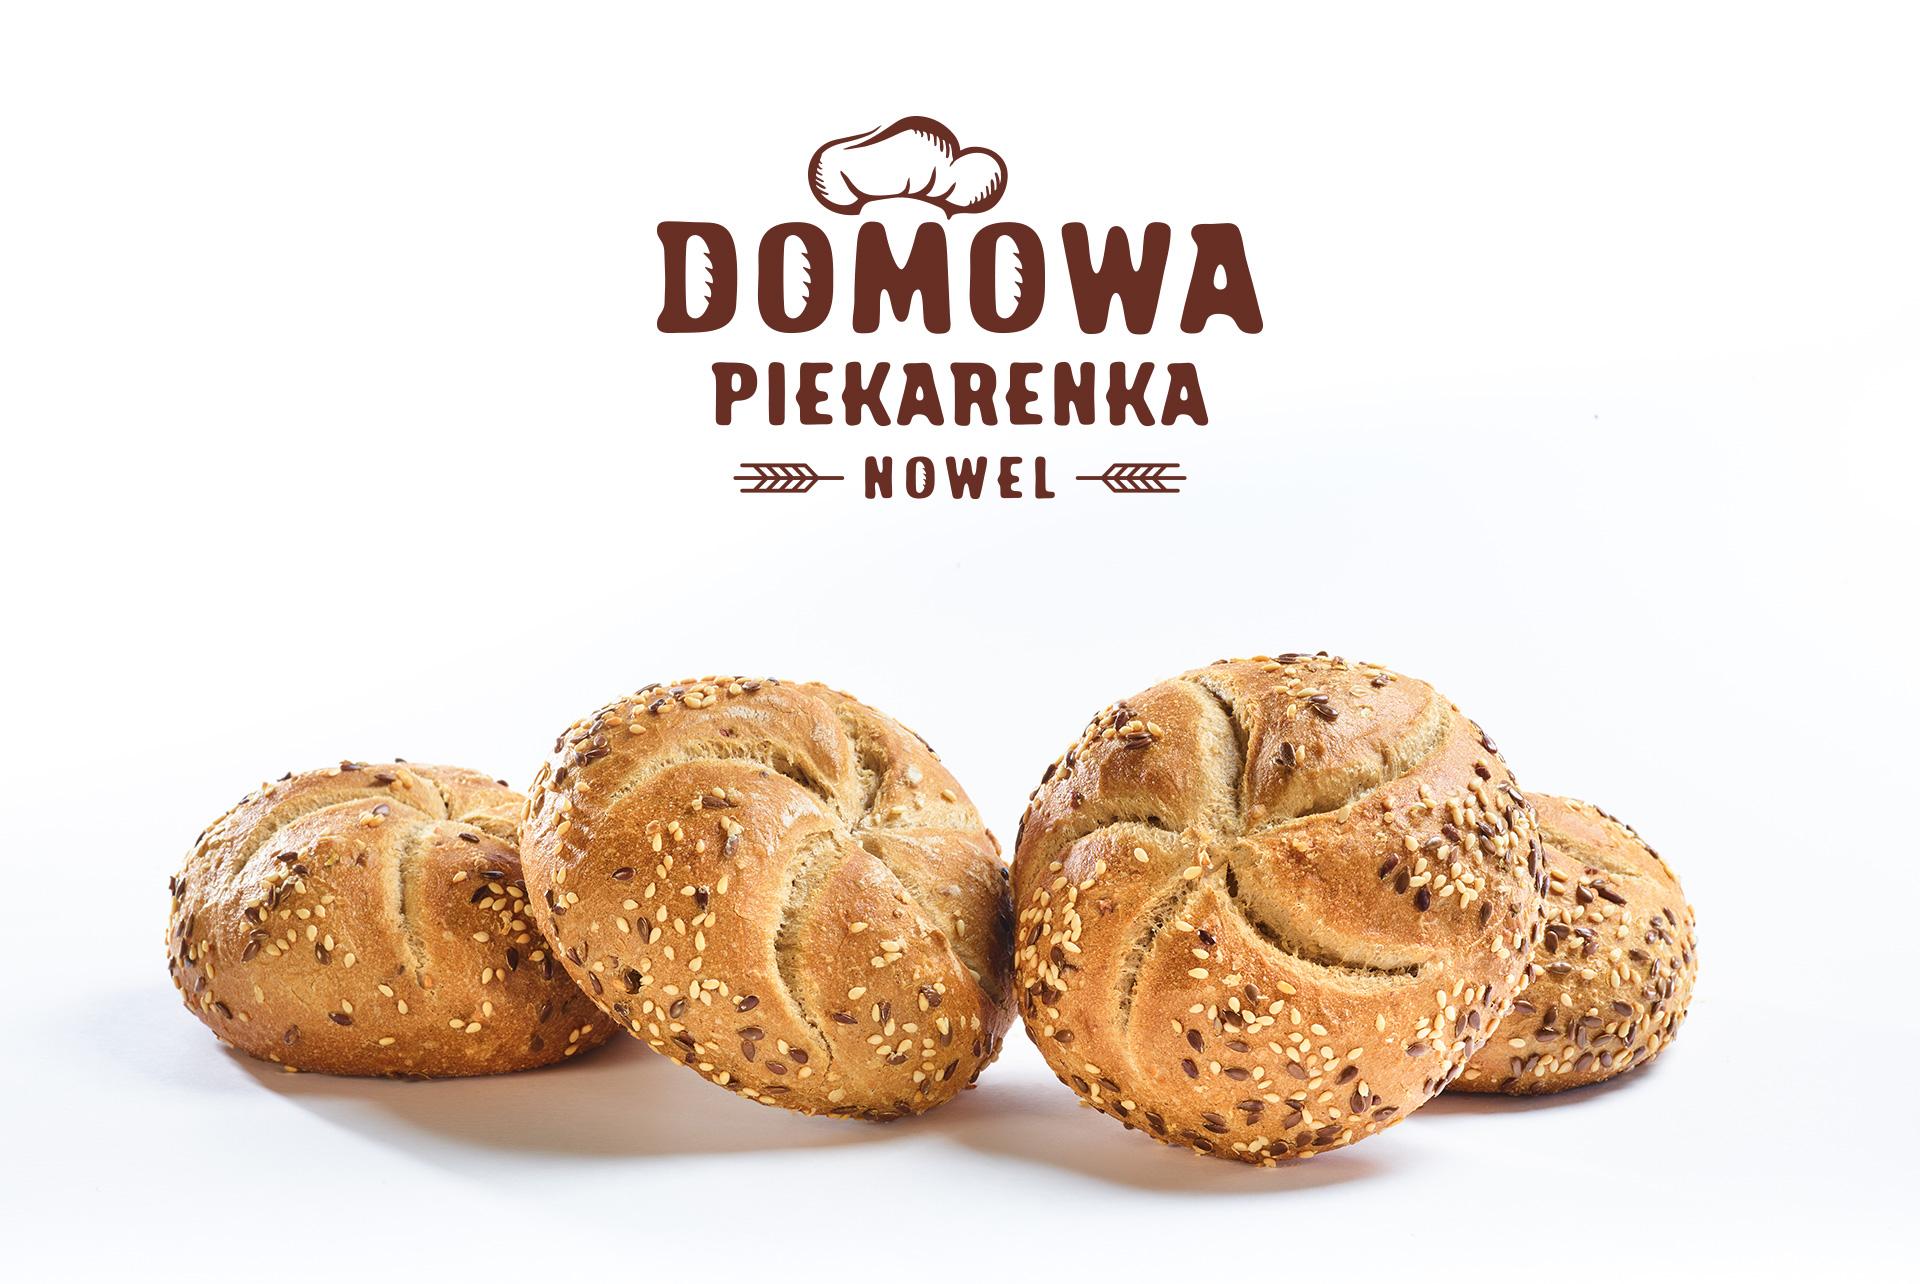 Logo Domowa Piekarenka Nowel